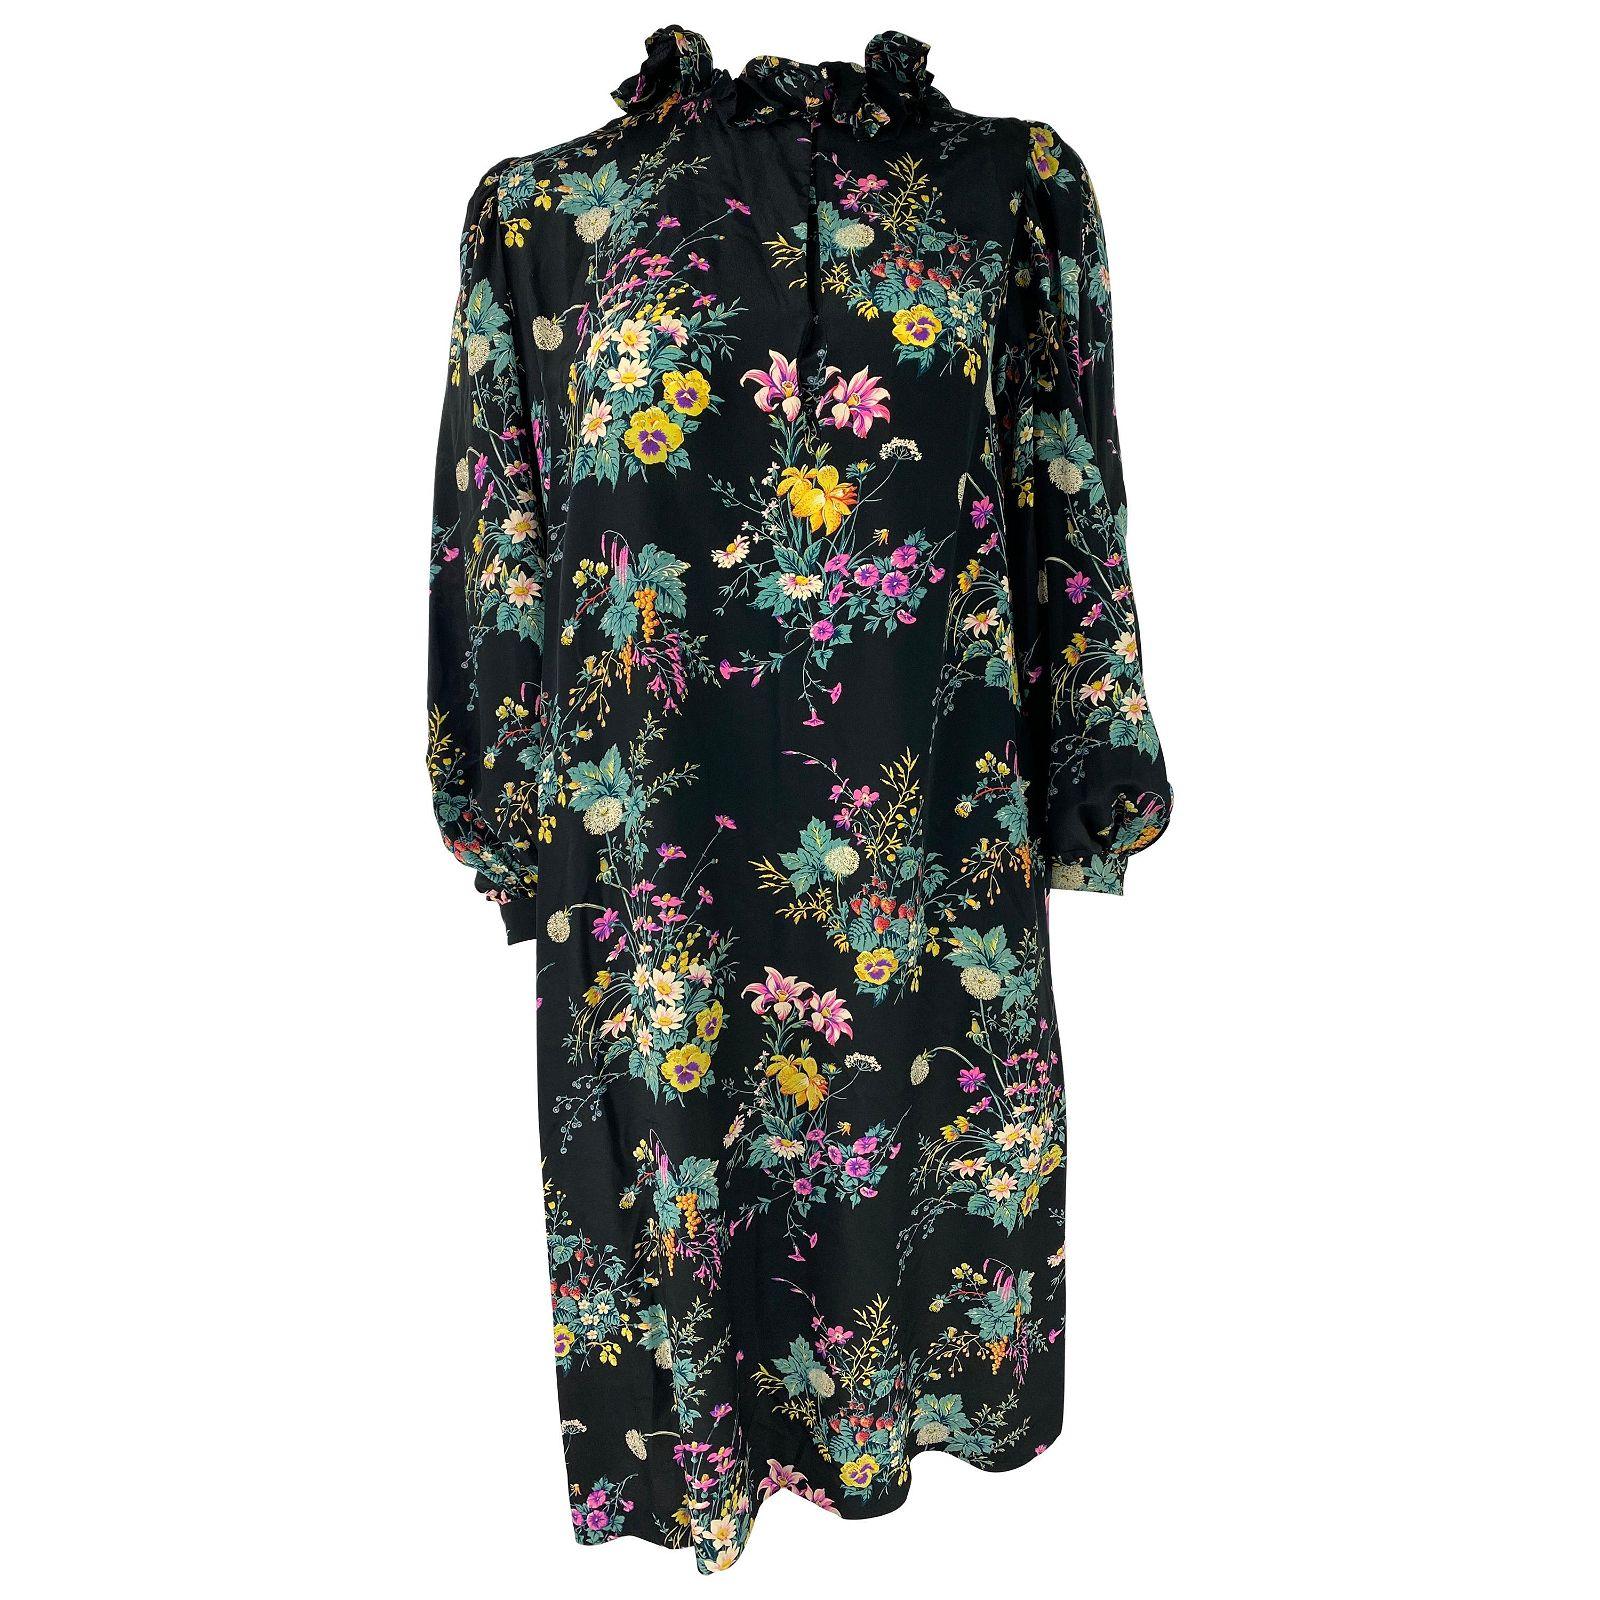 Hanae Mori Paris Black and Multi Colored Silk Mini